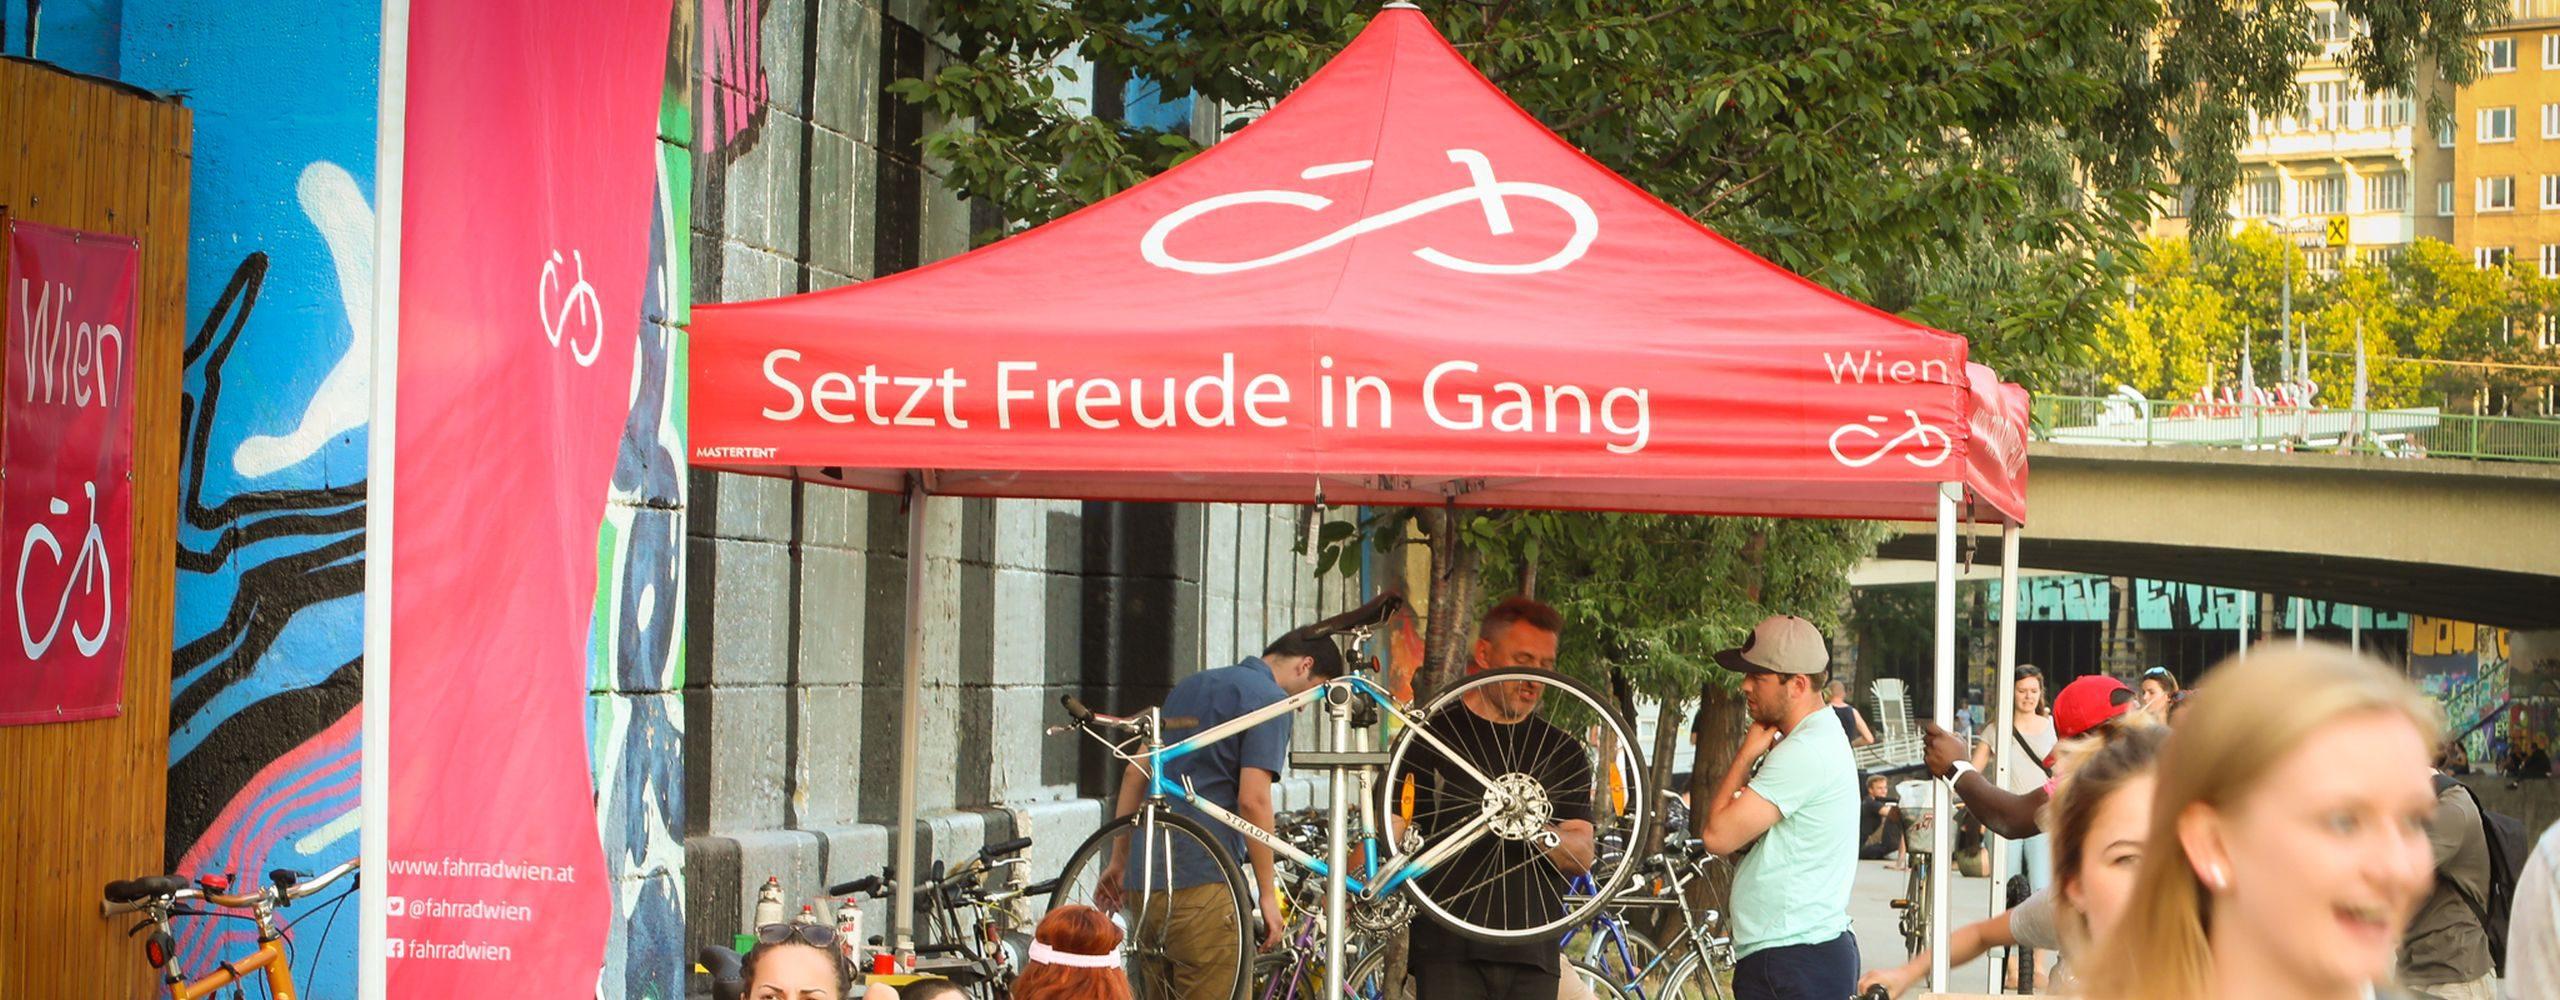 Bei kostenlosen Radchecks von Fahrrad Wien überprüft ein Fahrrad-Mechaniker, ob das Fahrrad noch funktioniert und repariert, falls nötig Kleinigkeiten. Foto: Christian Fürthner